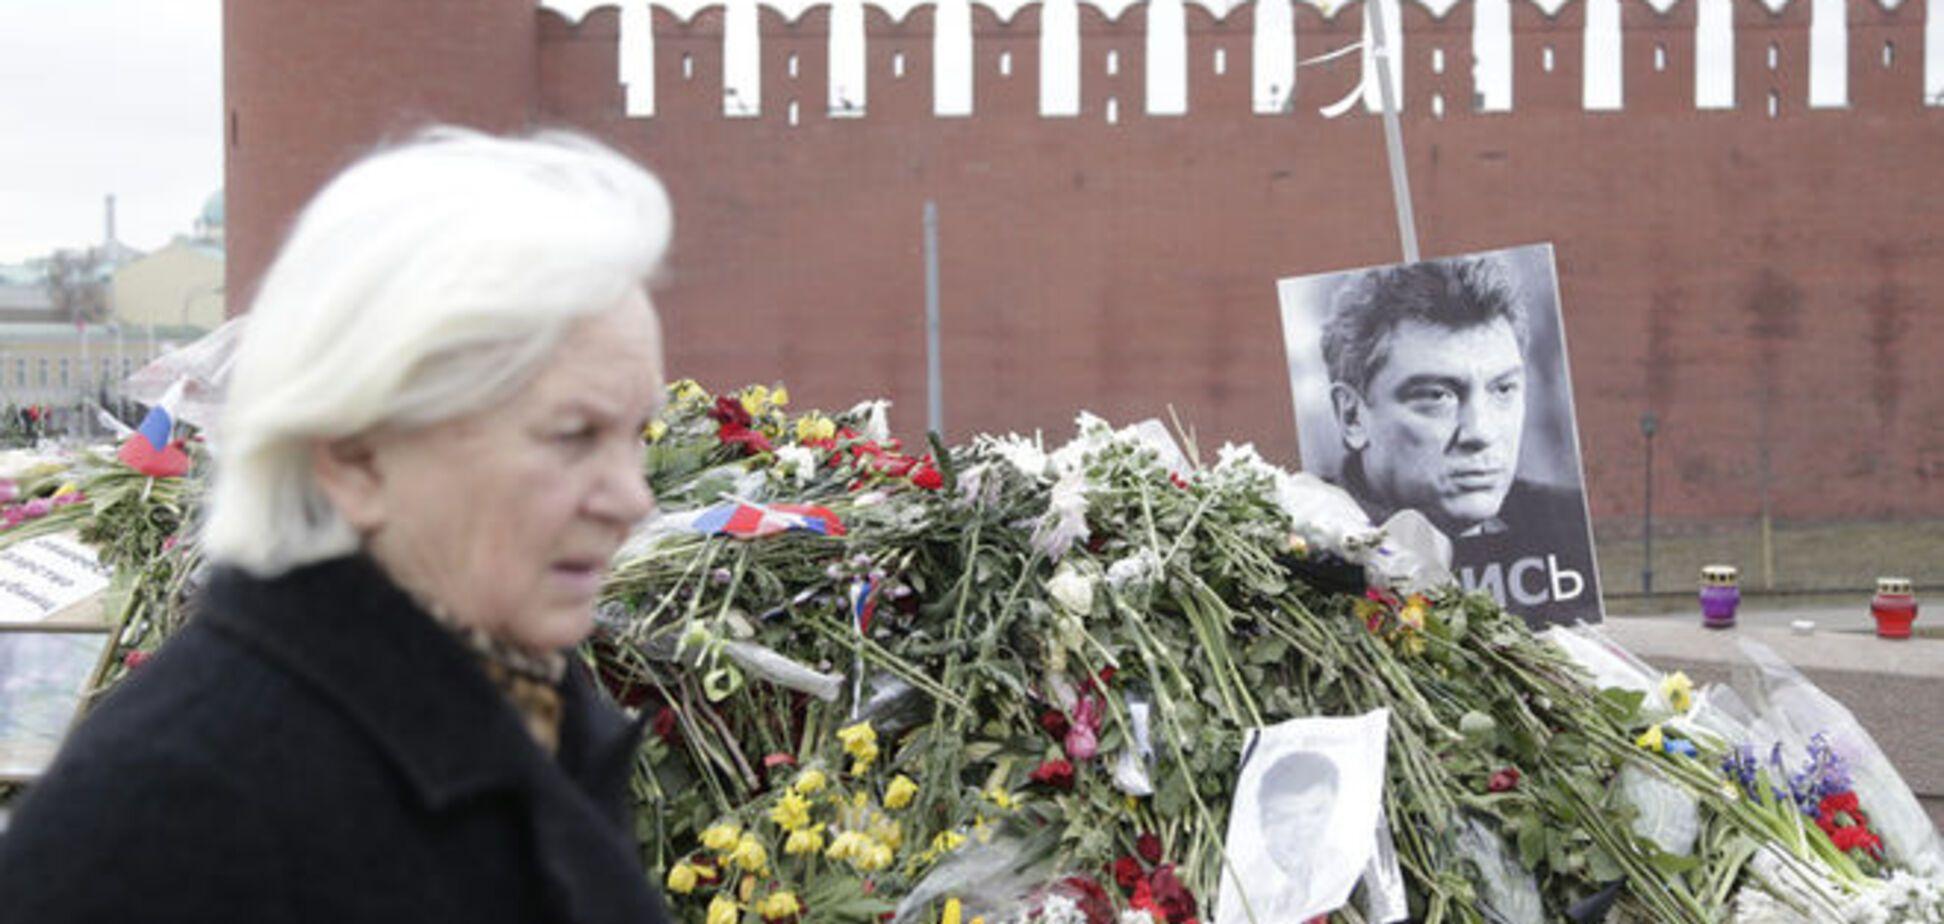 Глава батальона им. Дудаева опроверг причастность к убийству Немцова